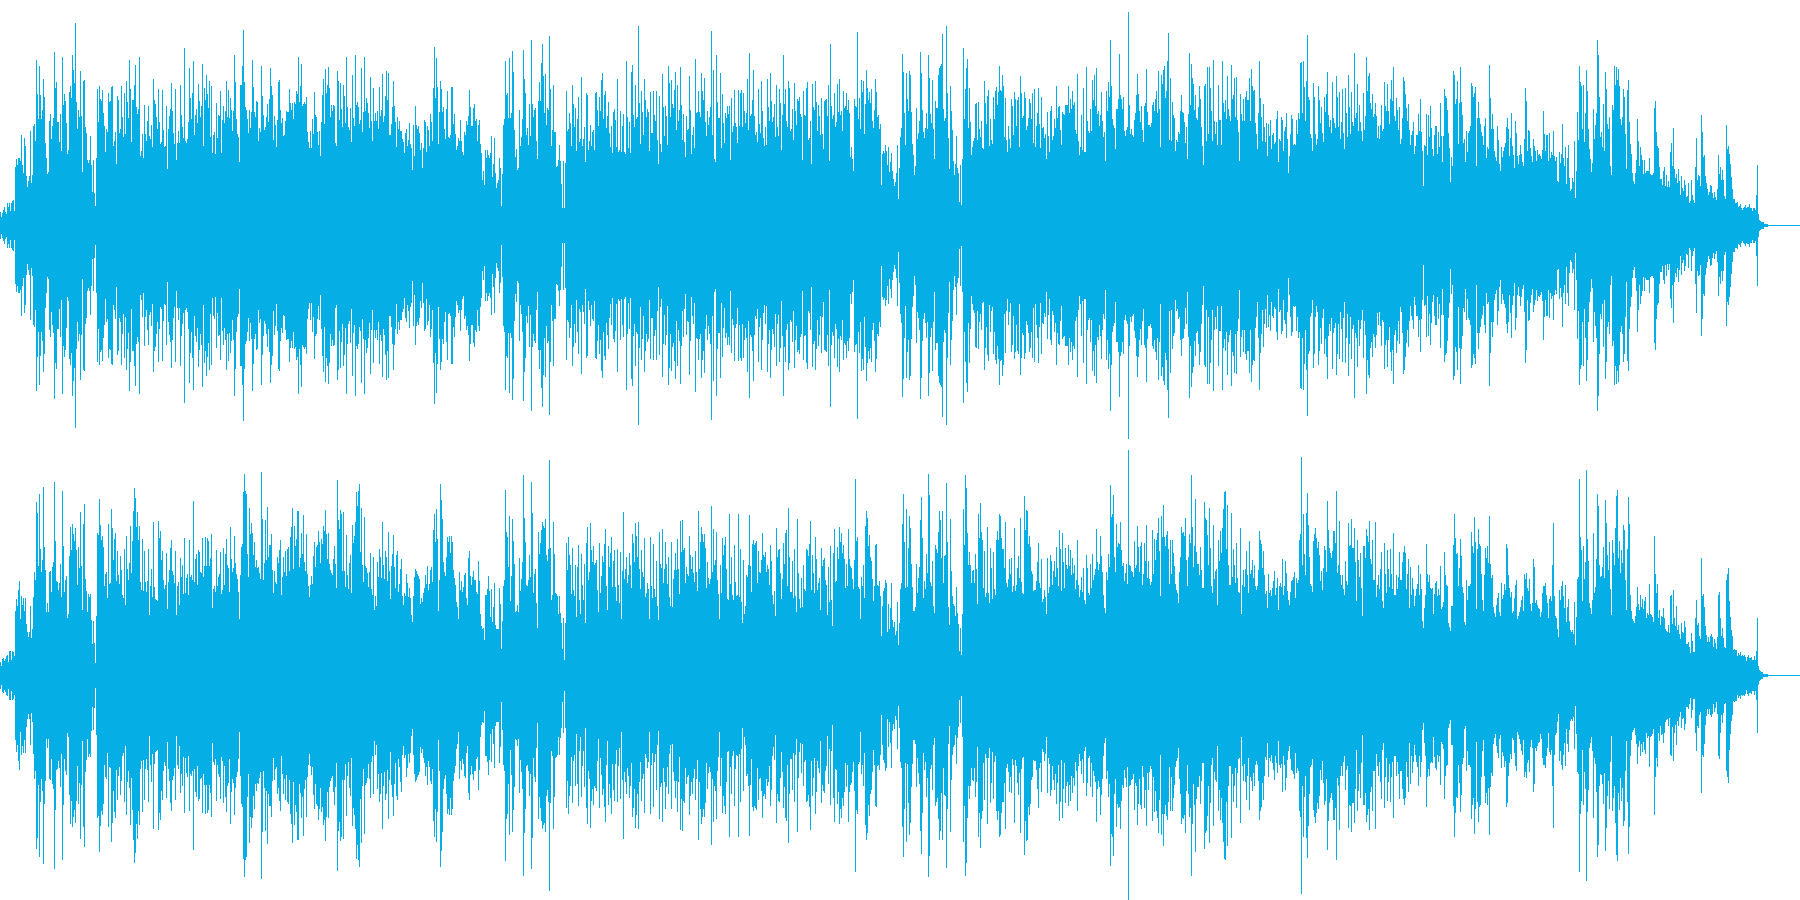 打ち込みによるイージーリスニング風の曲…の再生済みの波形